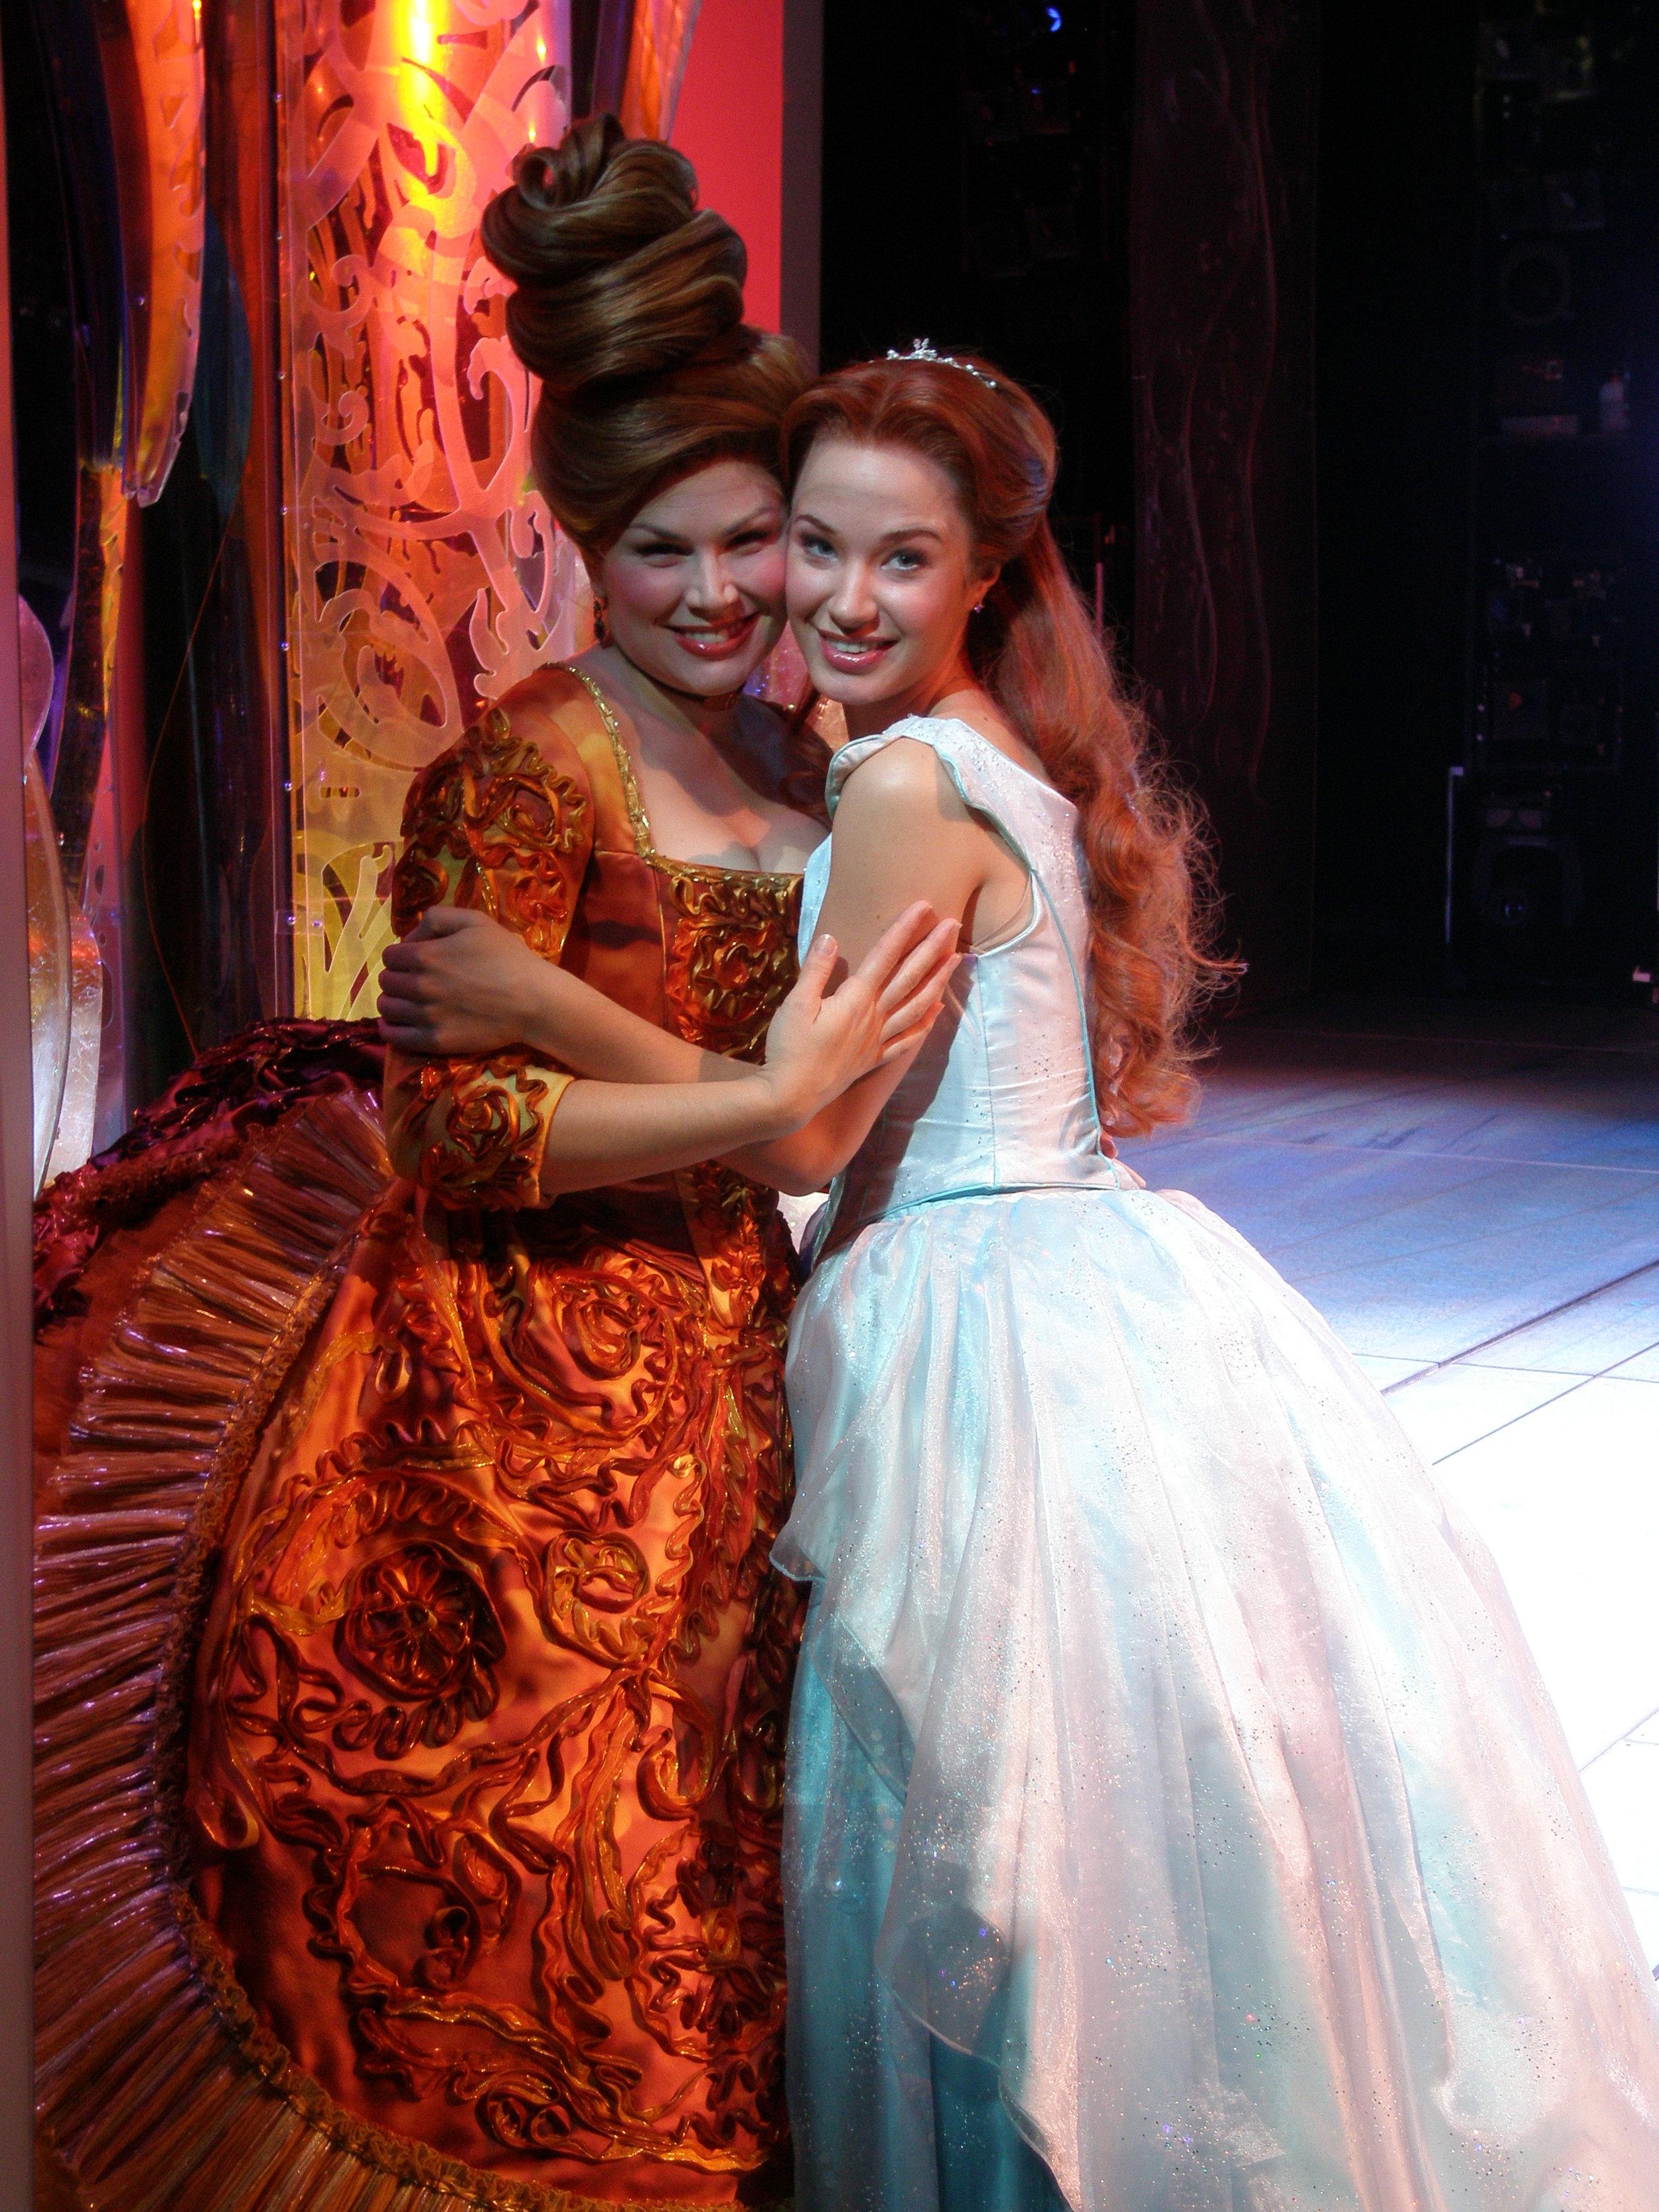 Sierra-Boggess-Little-Mermaid-Broadway-Denver Photo Call 9-7-2007 (39).JPG